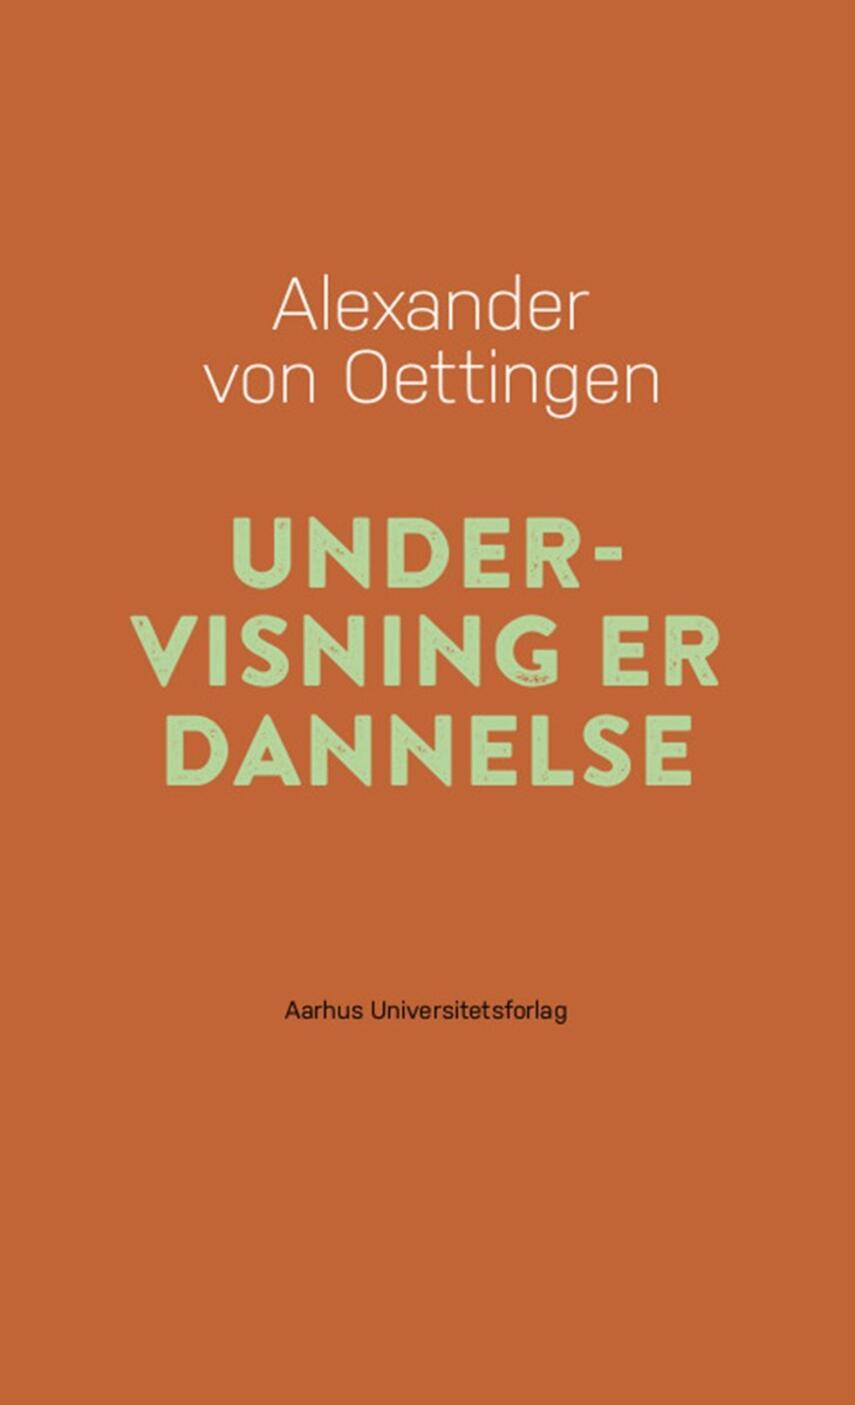 Alexander von Oettingen: Undervisning er dannelse